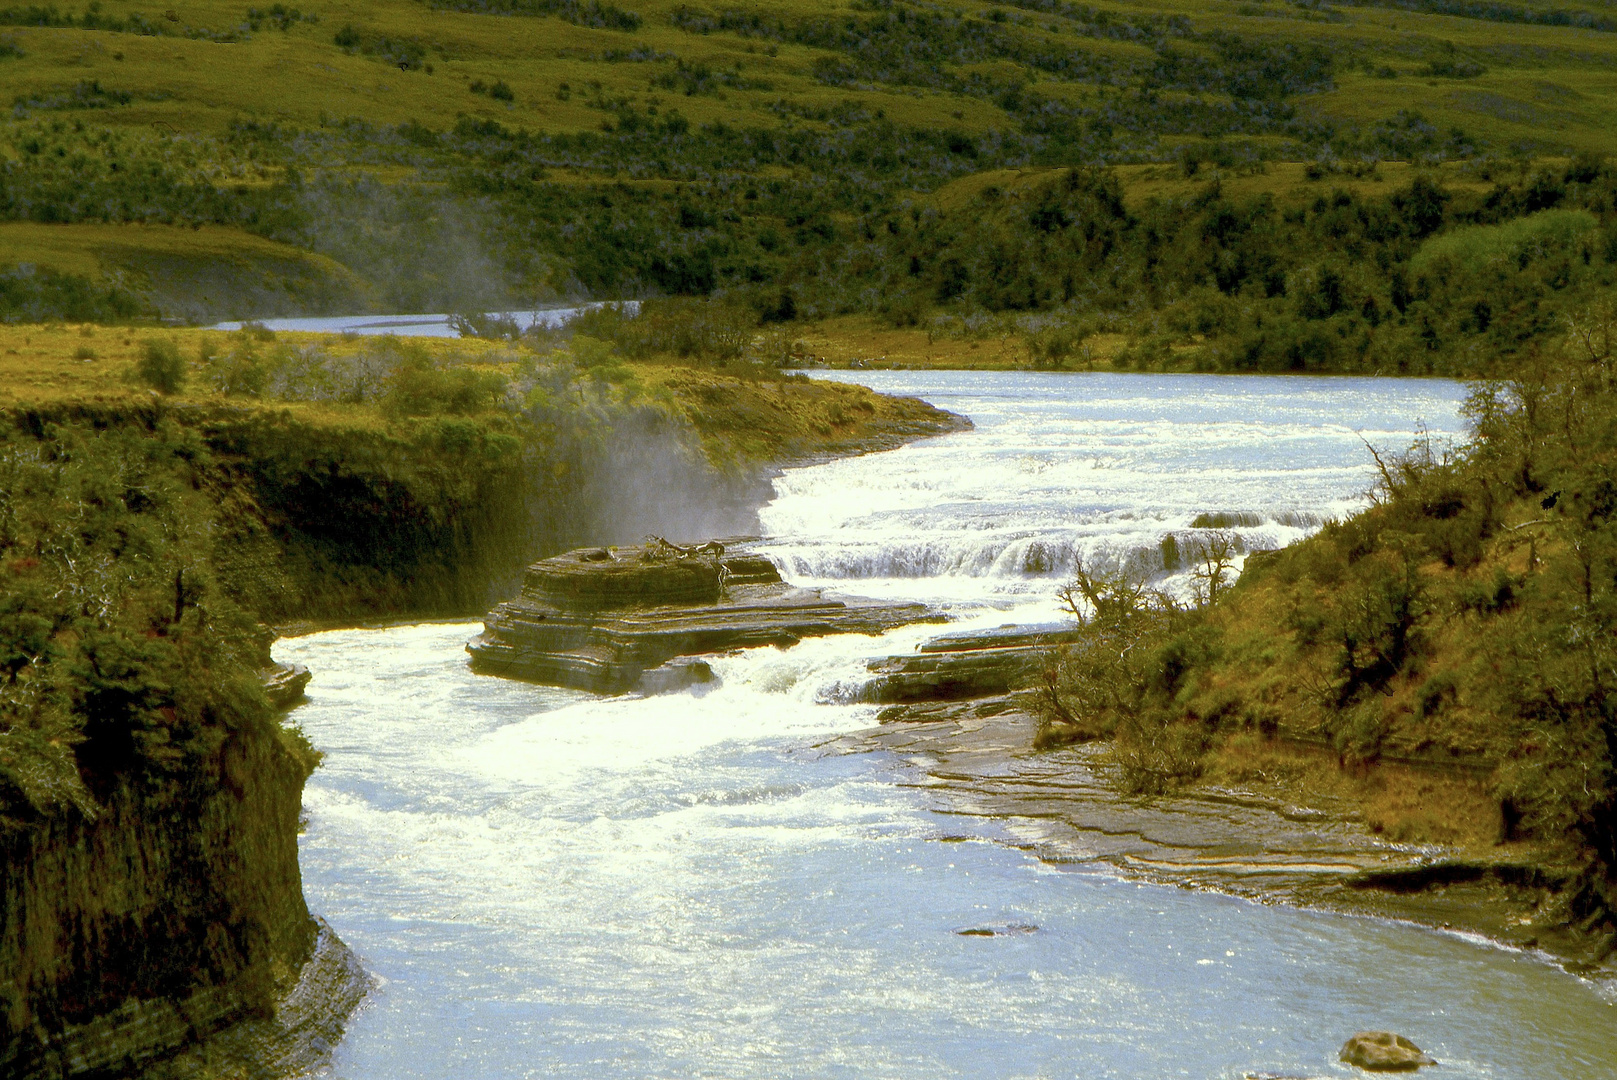 Wasserfall in Feuerland mit Gischt